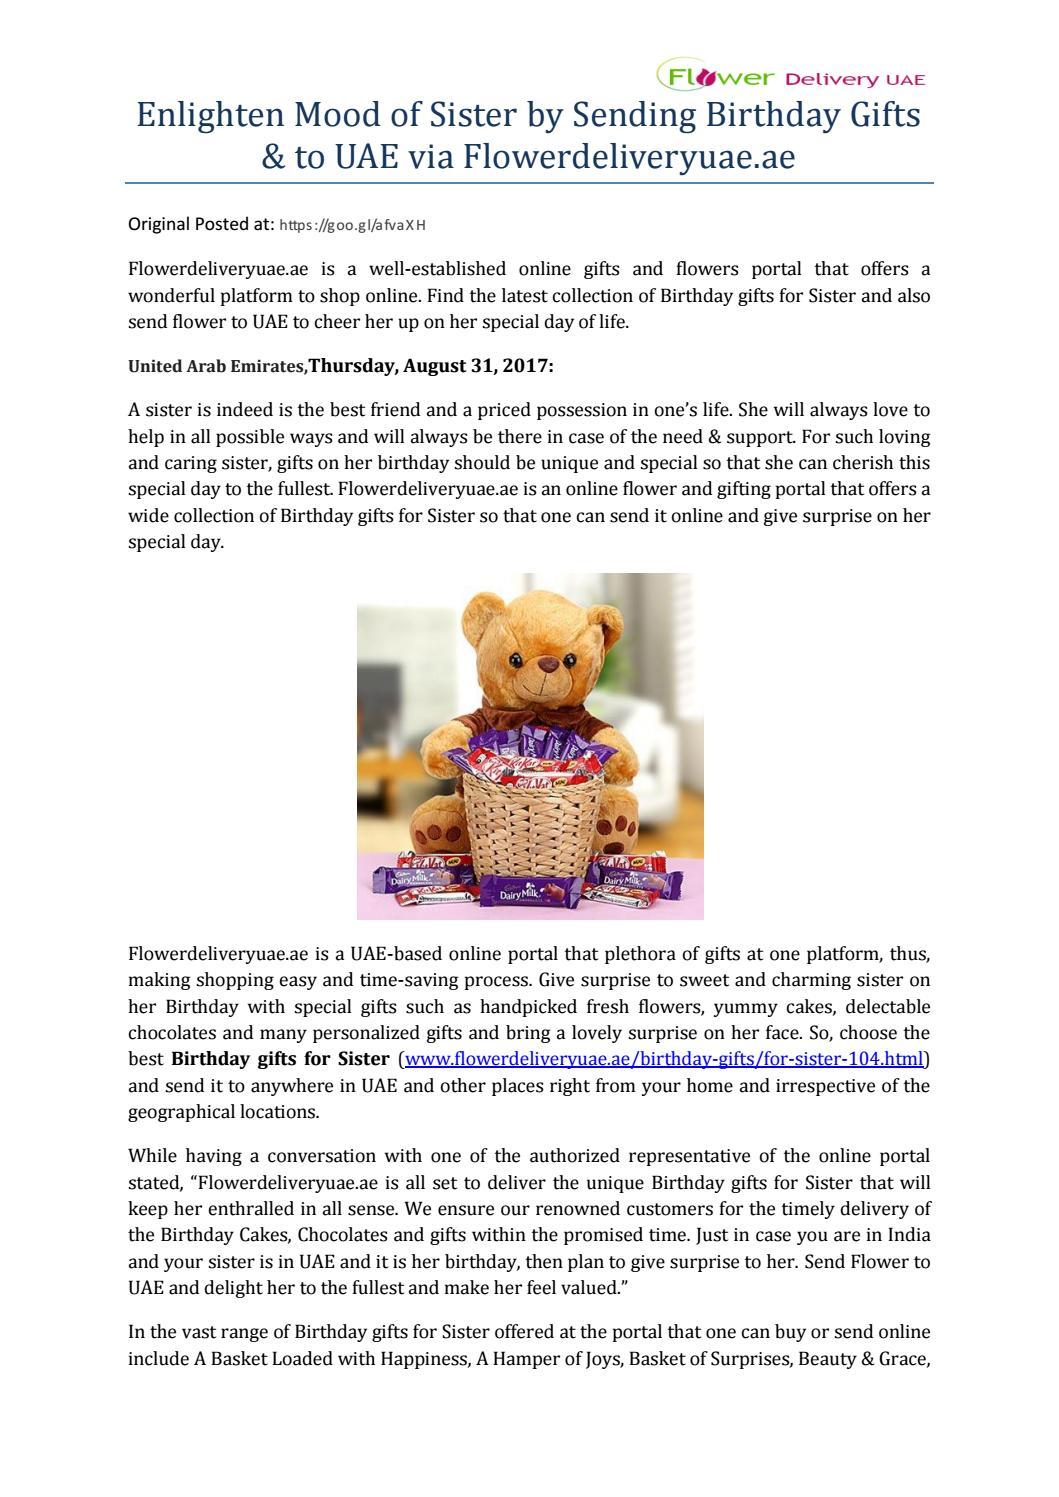 Enlighten Mood Of Sister By Sending Birthday Gifts To Uae Via Flowerdeliveryuae Ae